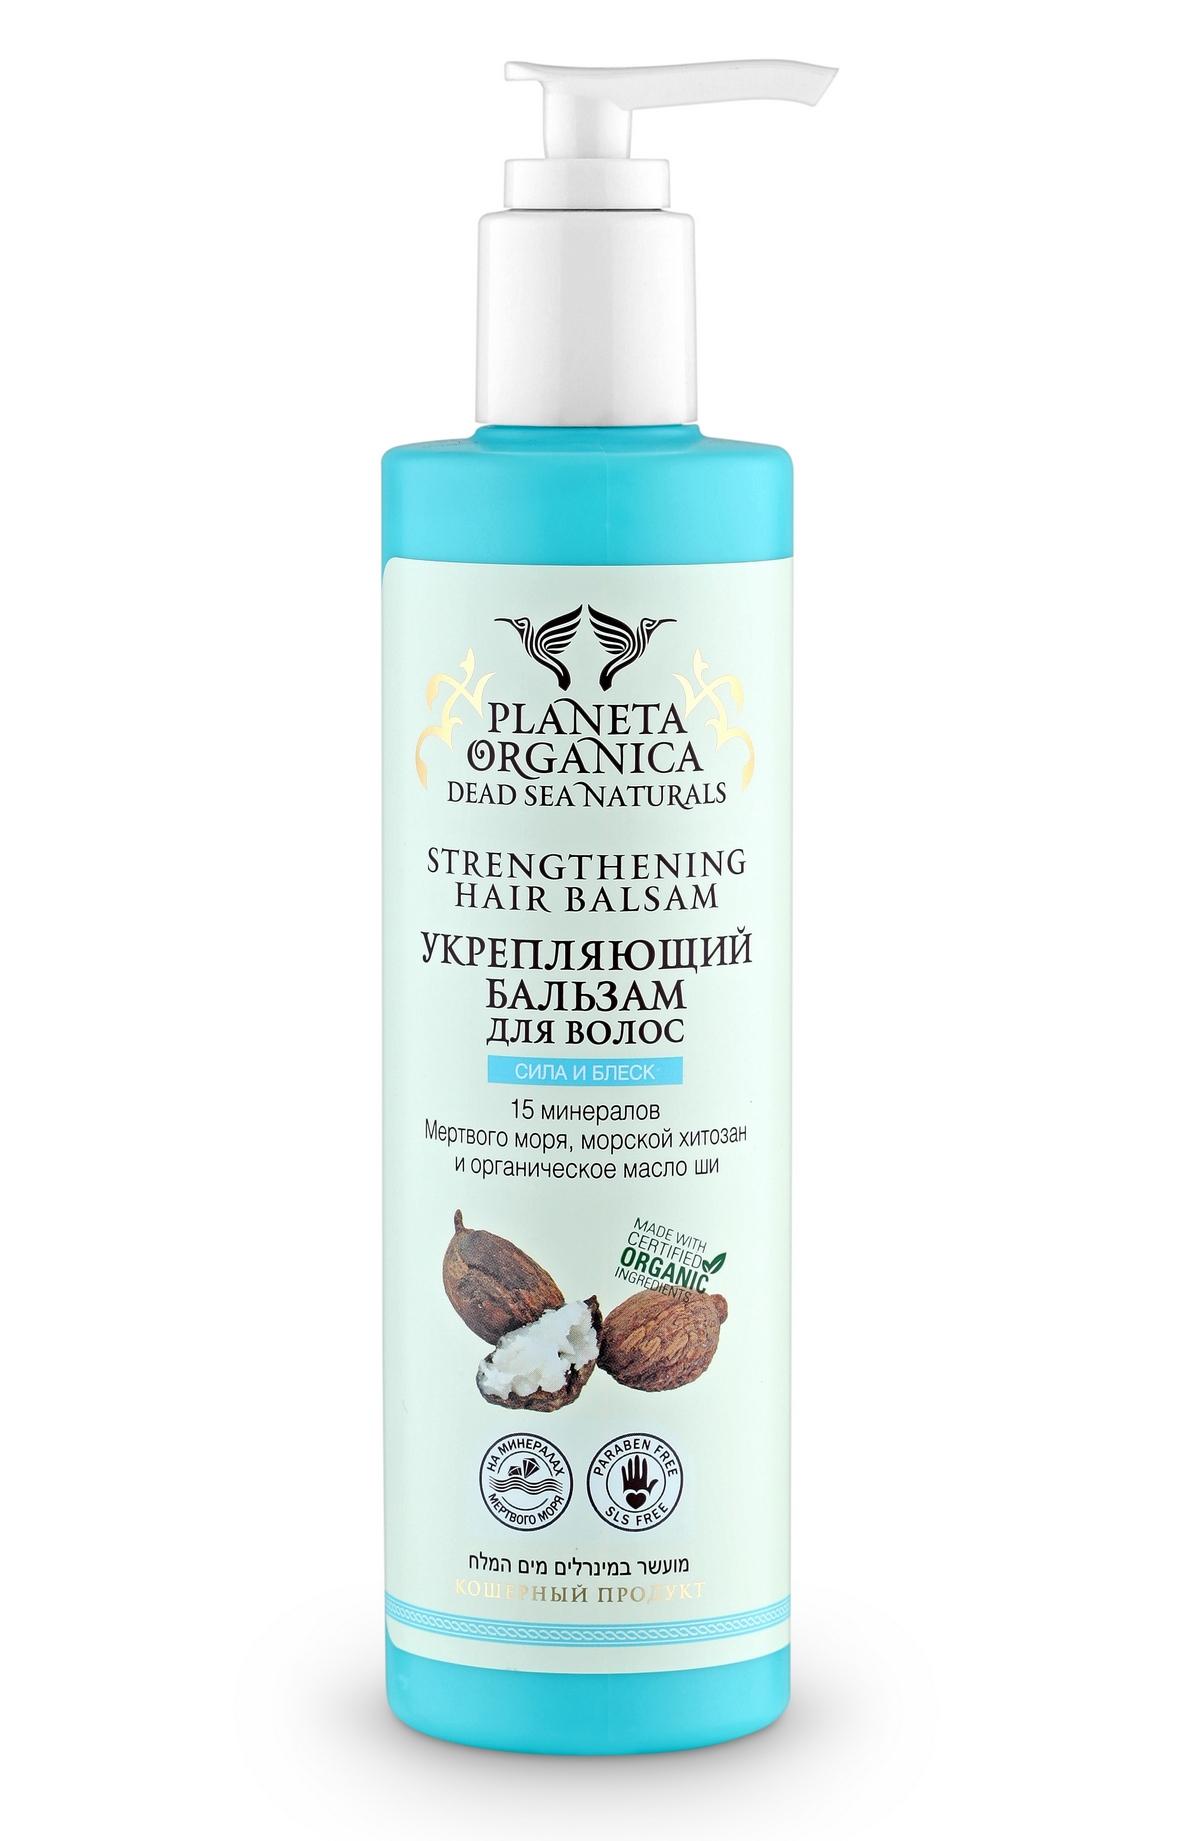 Planeta organica Dead sea naturals, Бальзам укрепляющий, 280 млFS-00103Новый укрепляющий бальзам, созданный на основе 15 минералов Мёртвого моря, интенсивно питает и укрепляет волосы, облегчает их расчёсывание и укладку, придаёт мягкость, эластичность и здоровый блеск.Сертифицированные органические компоненты бальзама обладают питательными и защитными свойствами, укрепляют корни, заметно ускоряют рост волос.Морской хитозан восстанавливает повреждённую структуру волос, разглаживает их по всей длине.